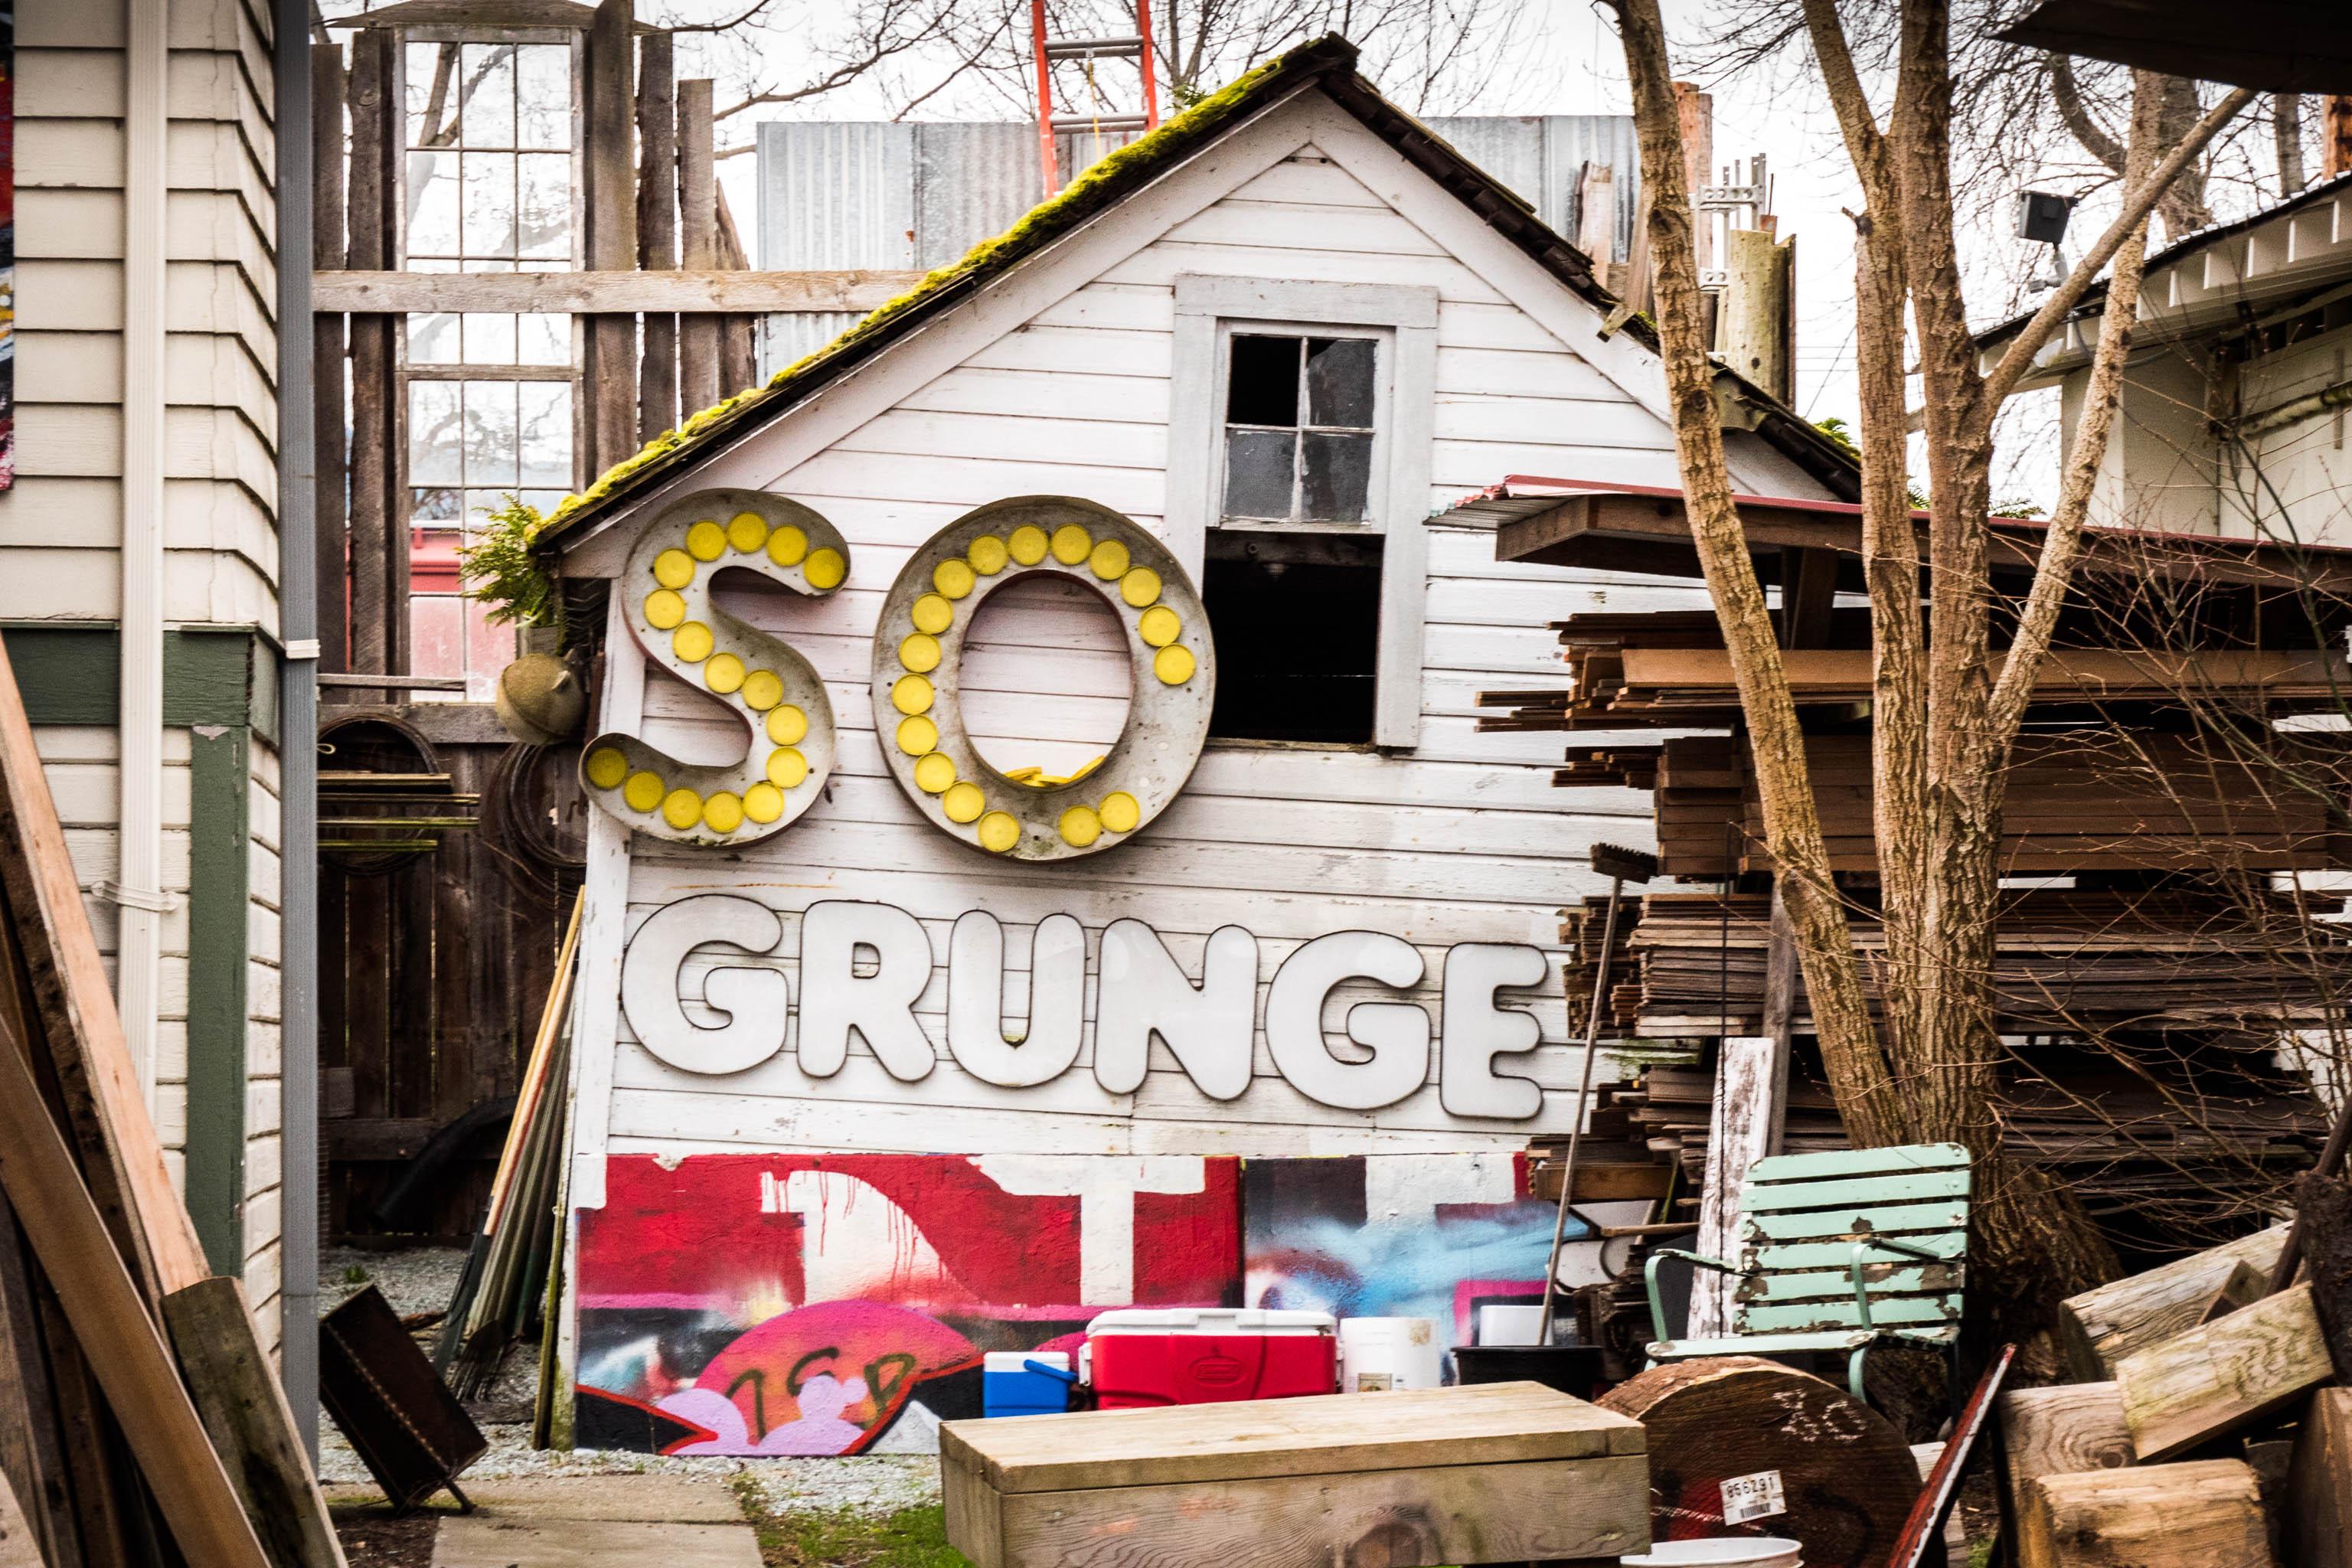 grunge junk art